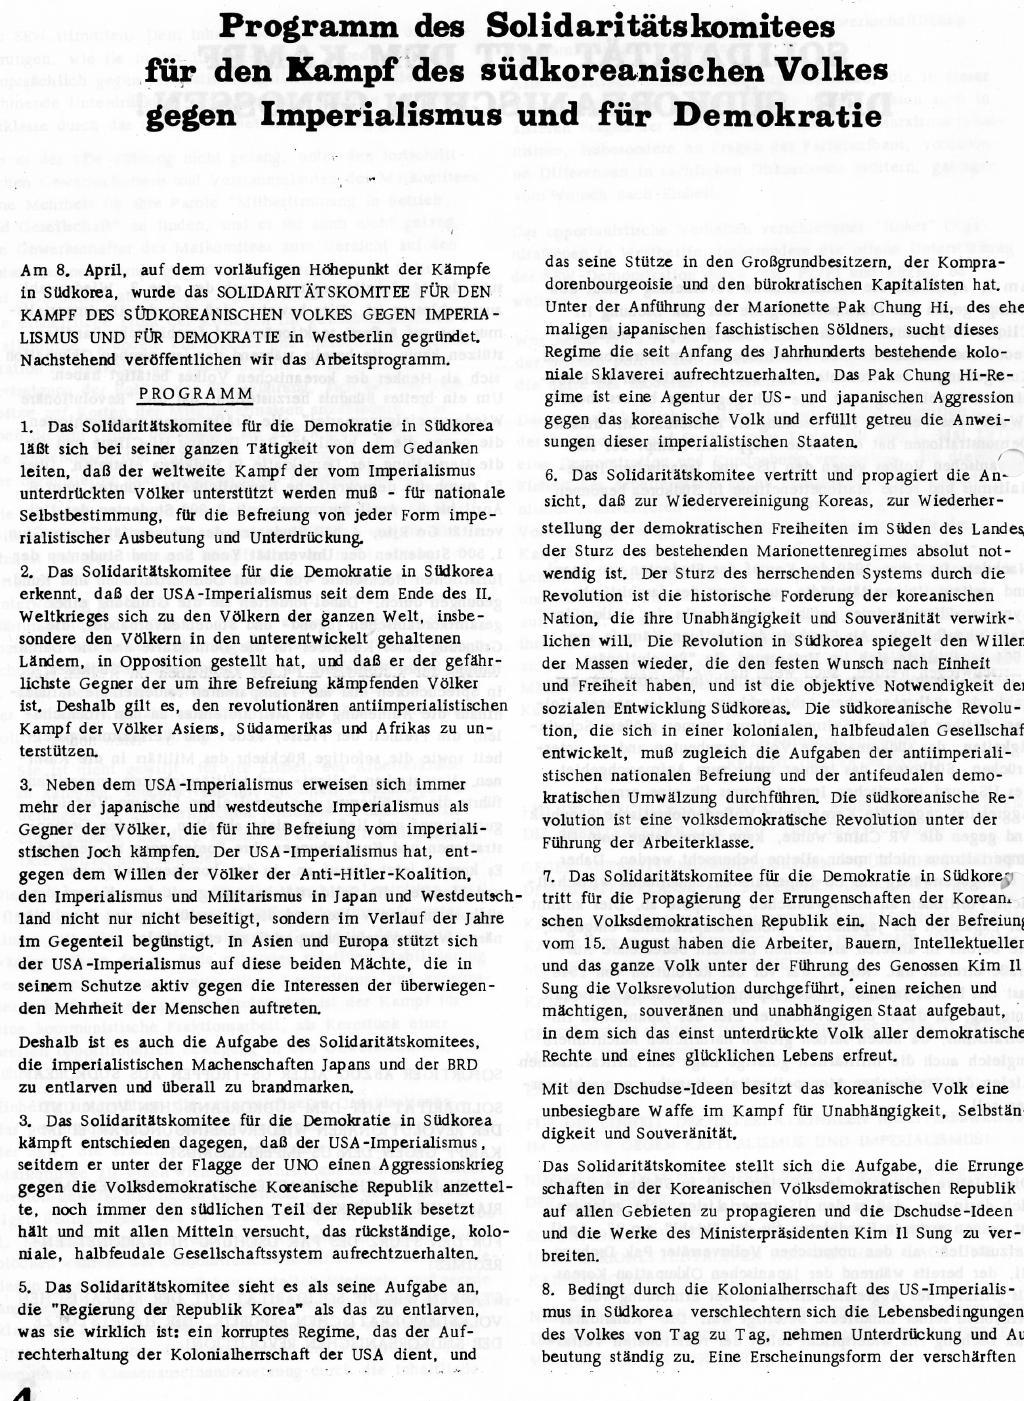 RPK_1971_111_04